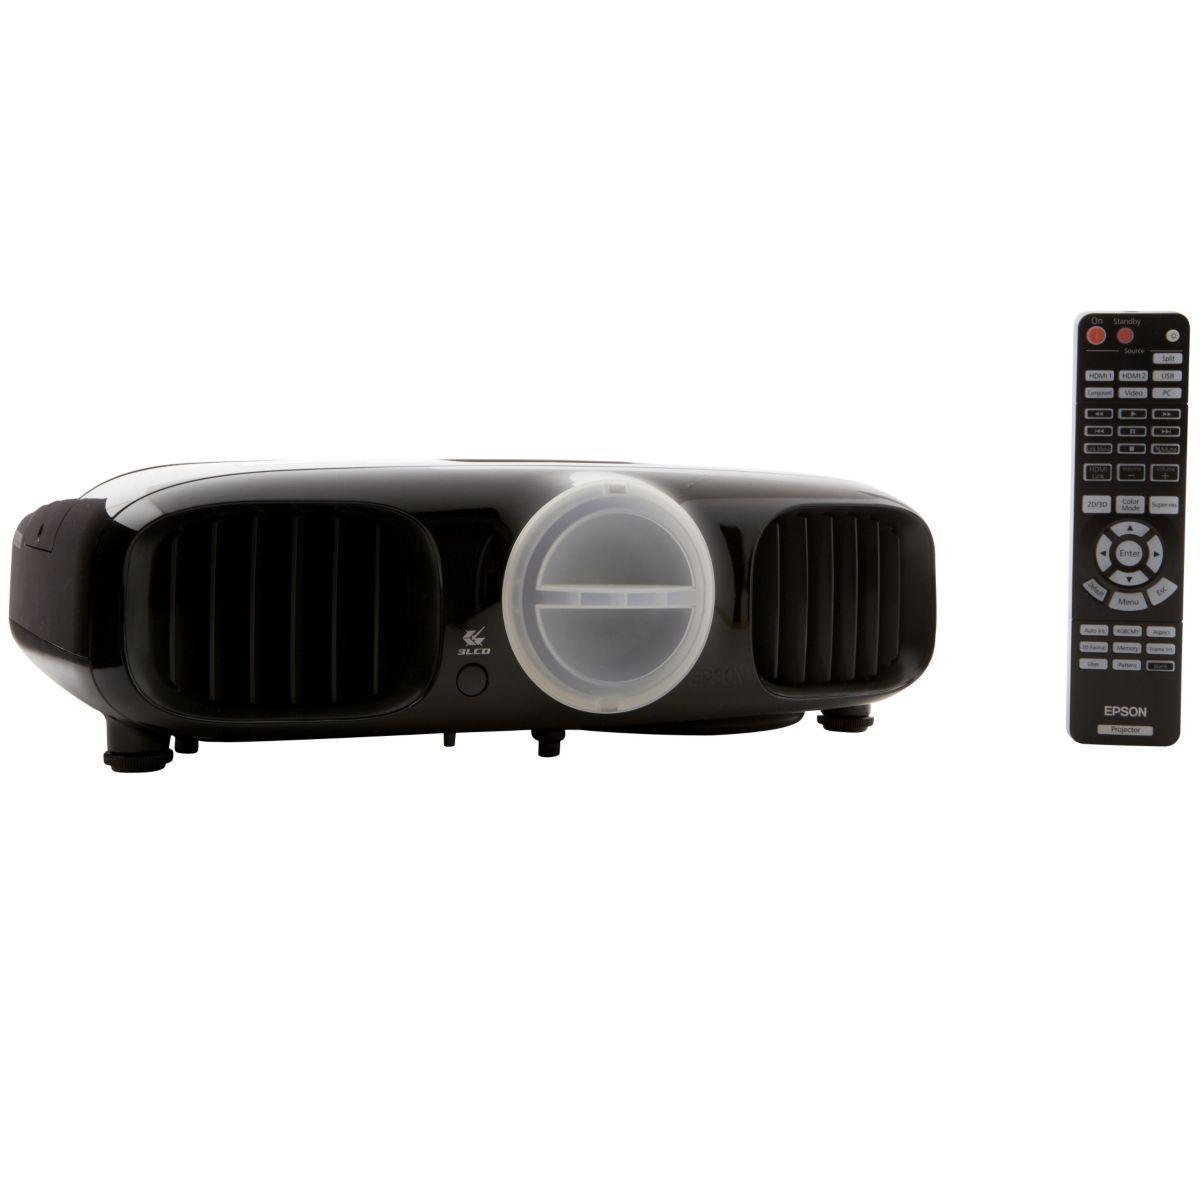 Pack promo vidéoprojecteur professionnel epson eh-tw6100 + ecran de projection oray ecran cadre cineframe 16:9 13 - produit coup de coeur webdistrib.c